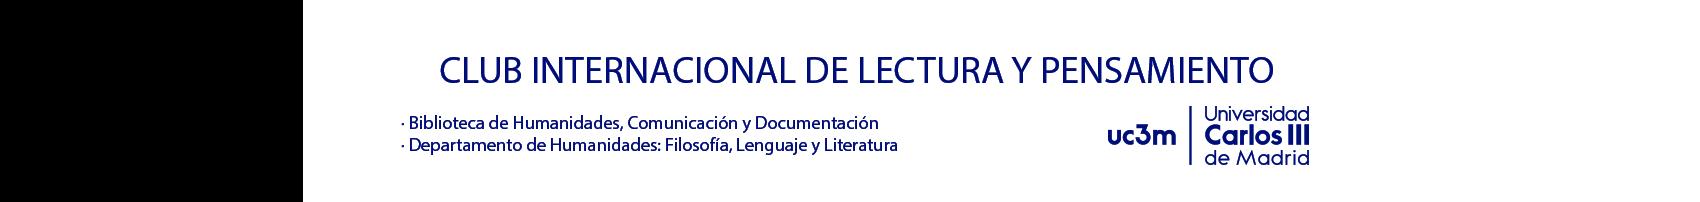 Club internacional de lectura y pensamiento